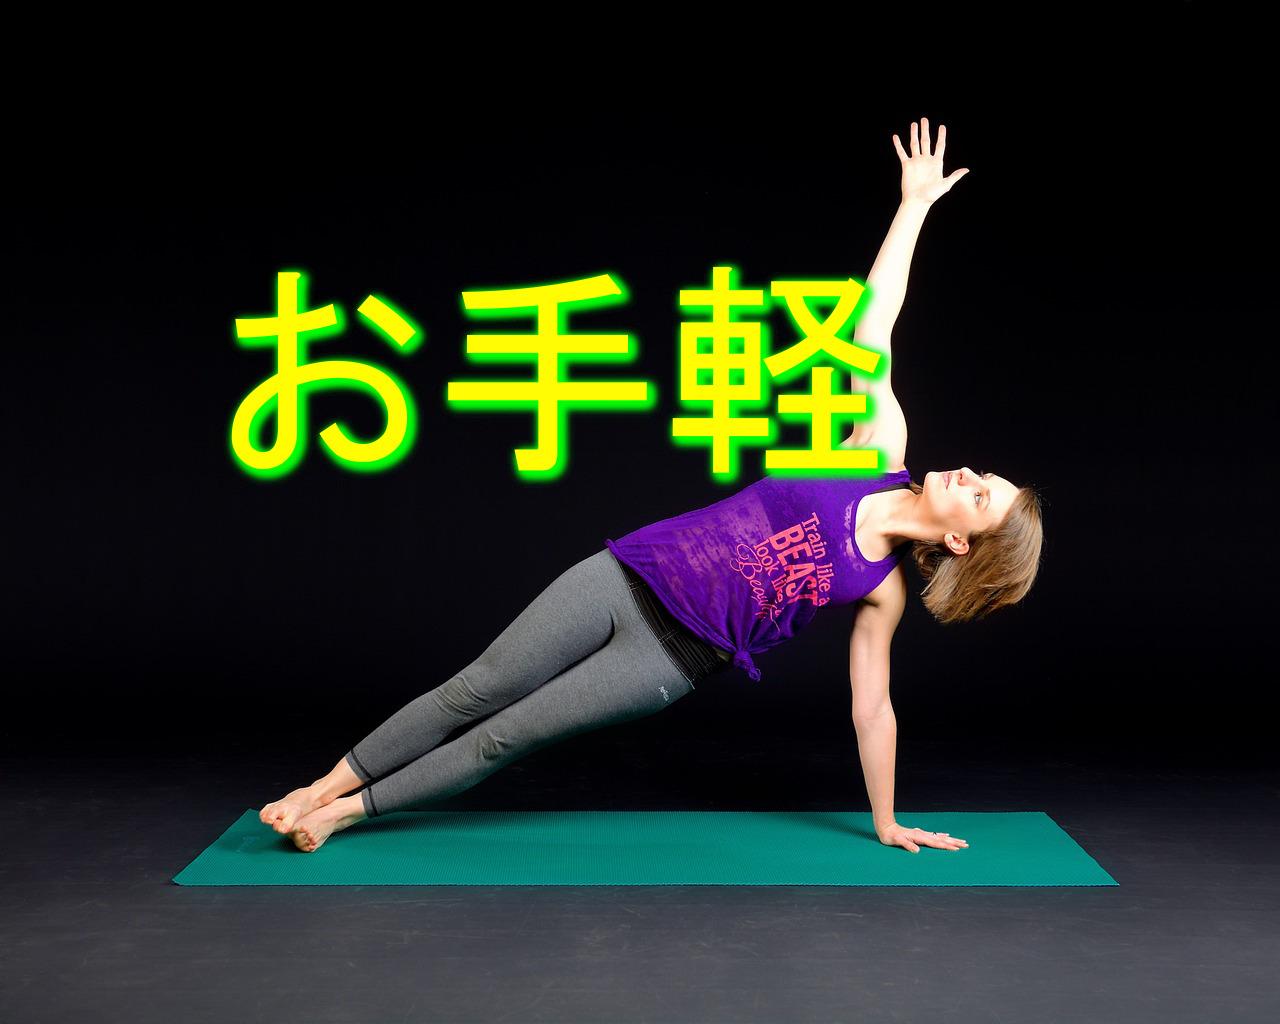 自重筋トレメニュー。初心者でも自宅でできるおすすめ自重トレーニング